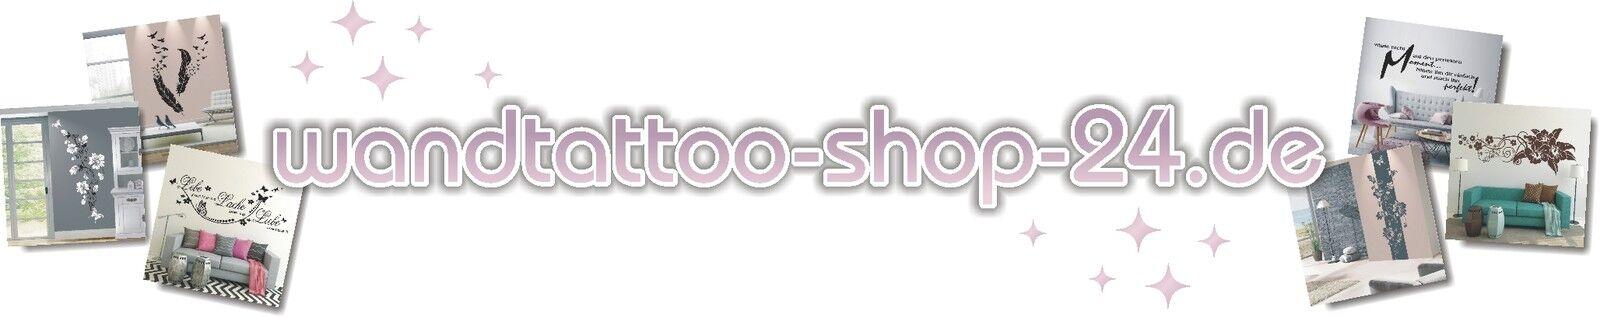 wandtattoo-shop-24de